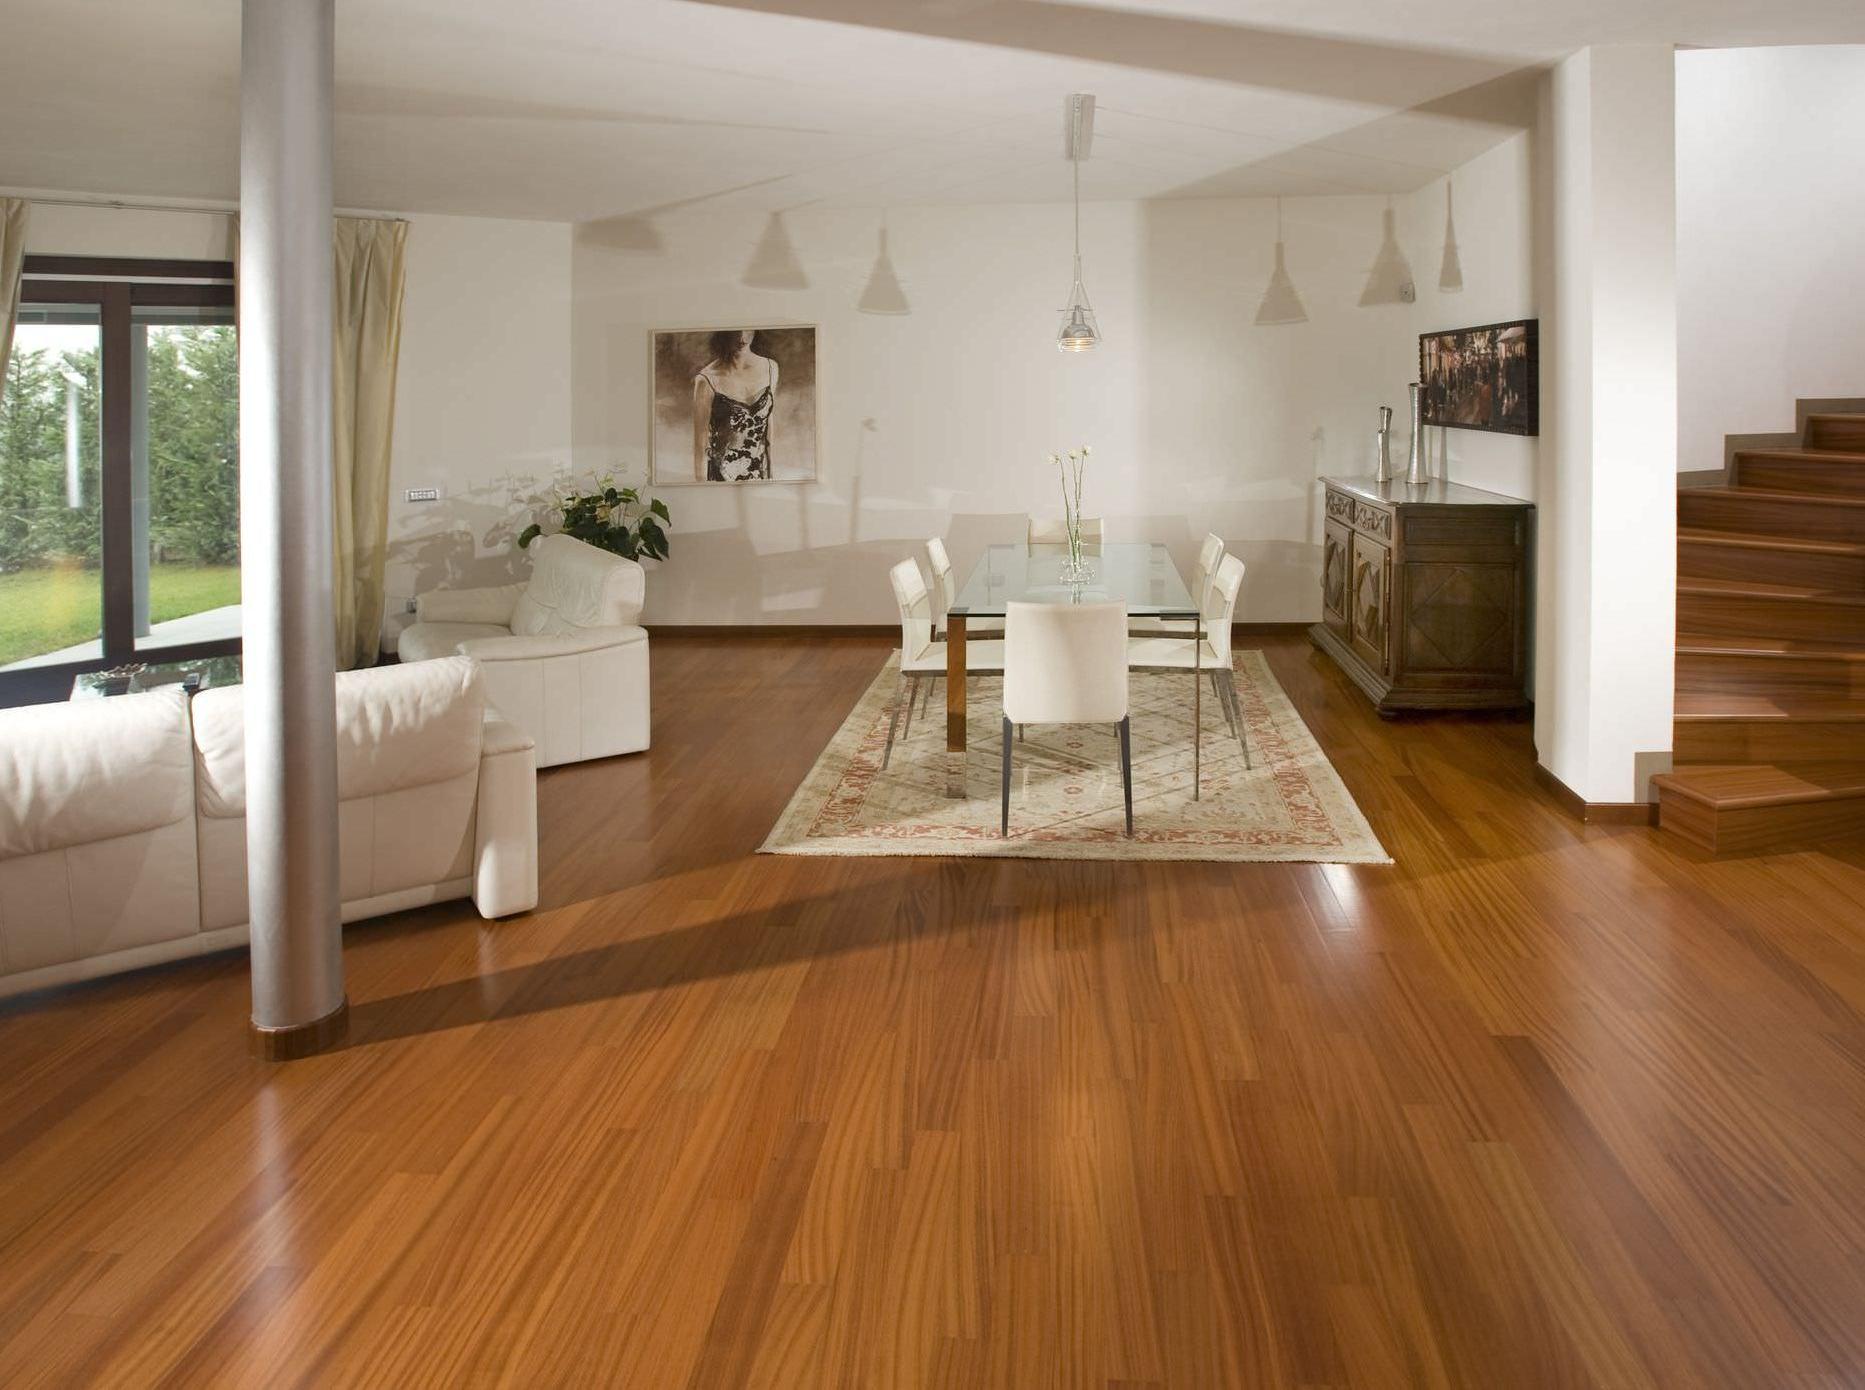 Parquet Spazzolato O Liscio parquet teak, pavimenti legno teak: posa incollata